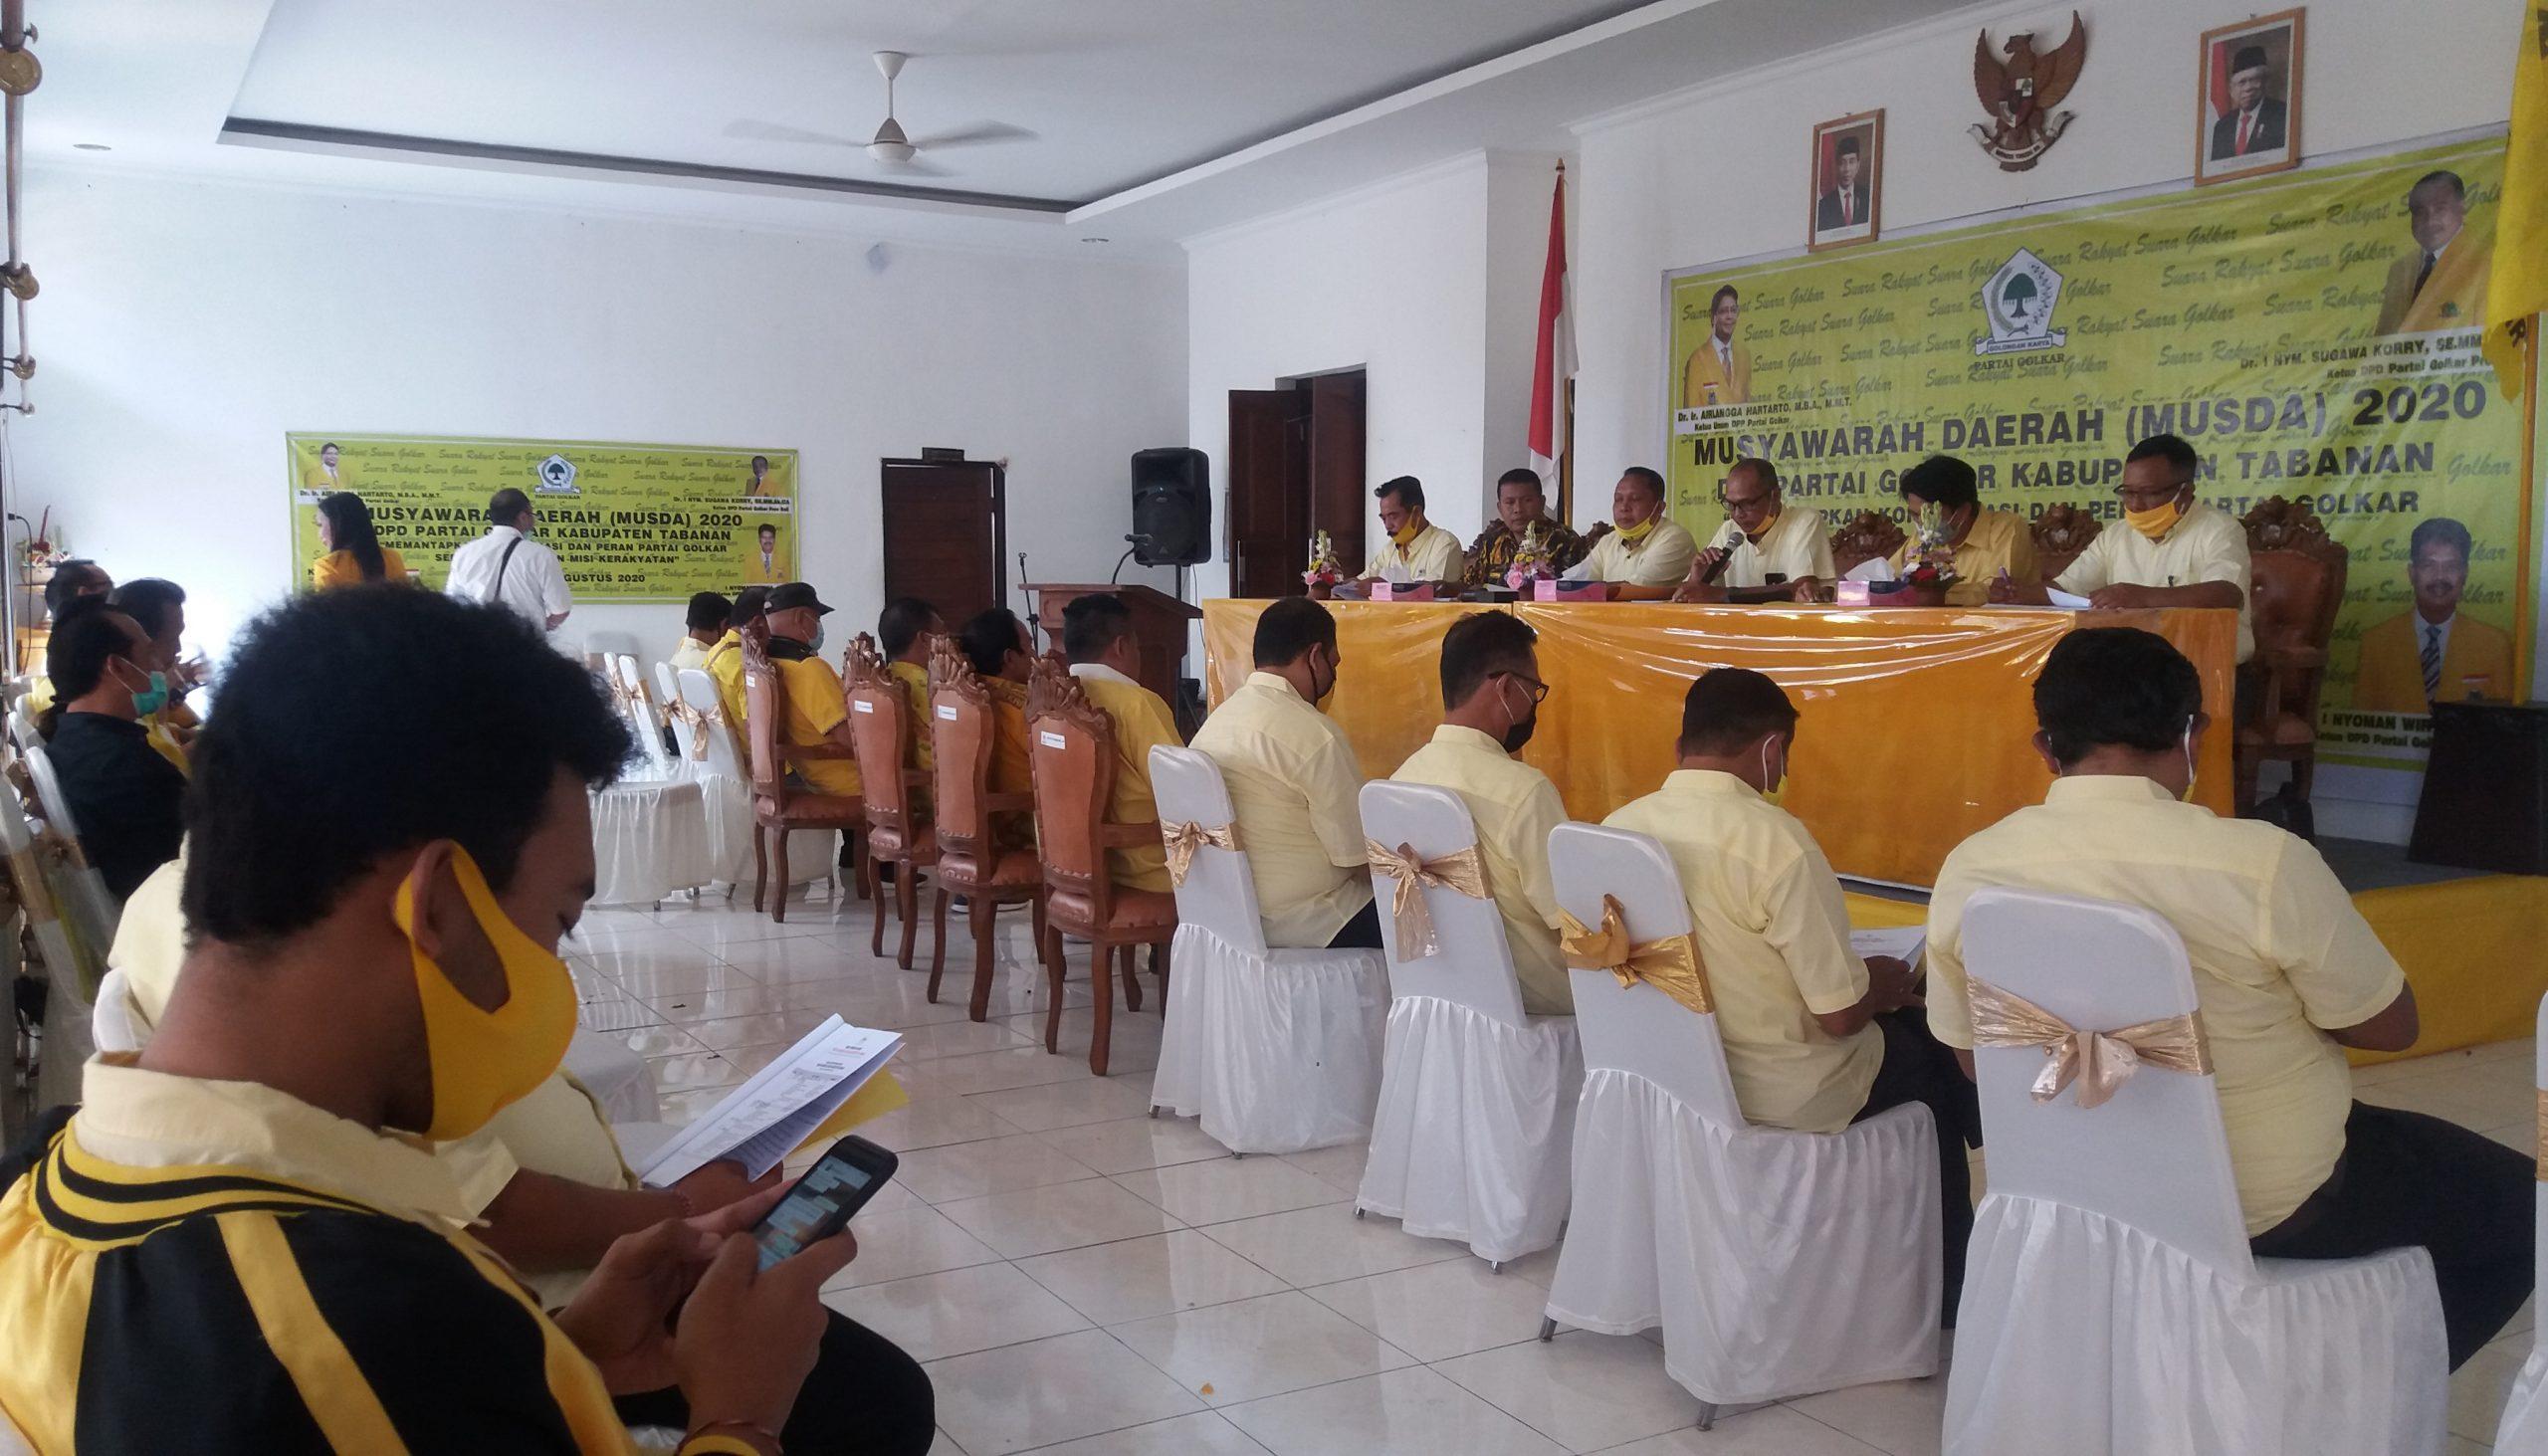 MUSDA DPD Partai Golkar Tabanan di Gedung DPD Partai Golkar Tabanan, Sabtu (8/8/2020) mengesahkan I Nyoman Wirya sebagai ketua terpilih DPD Partai Golkar Tabanan periode 2020-2025. Foto: gagah